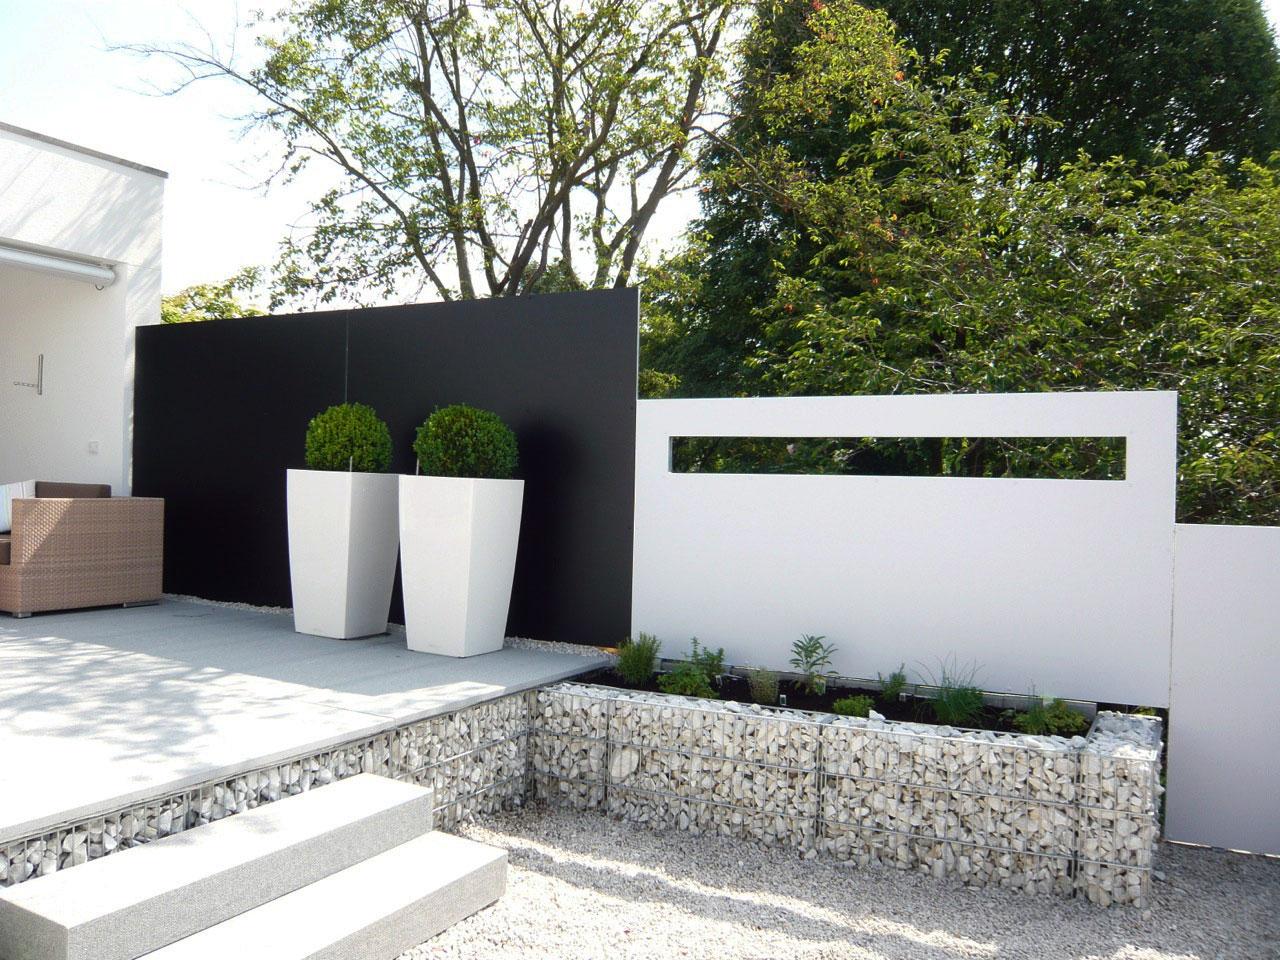 Blickfang Design Sichtschutz Perfektioniert Stilvolle Garten Lounge In Dittelbrunn Gardomo